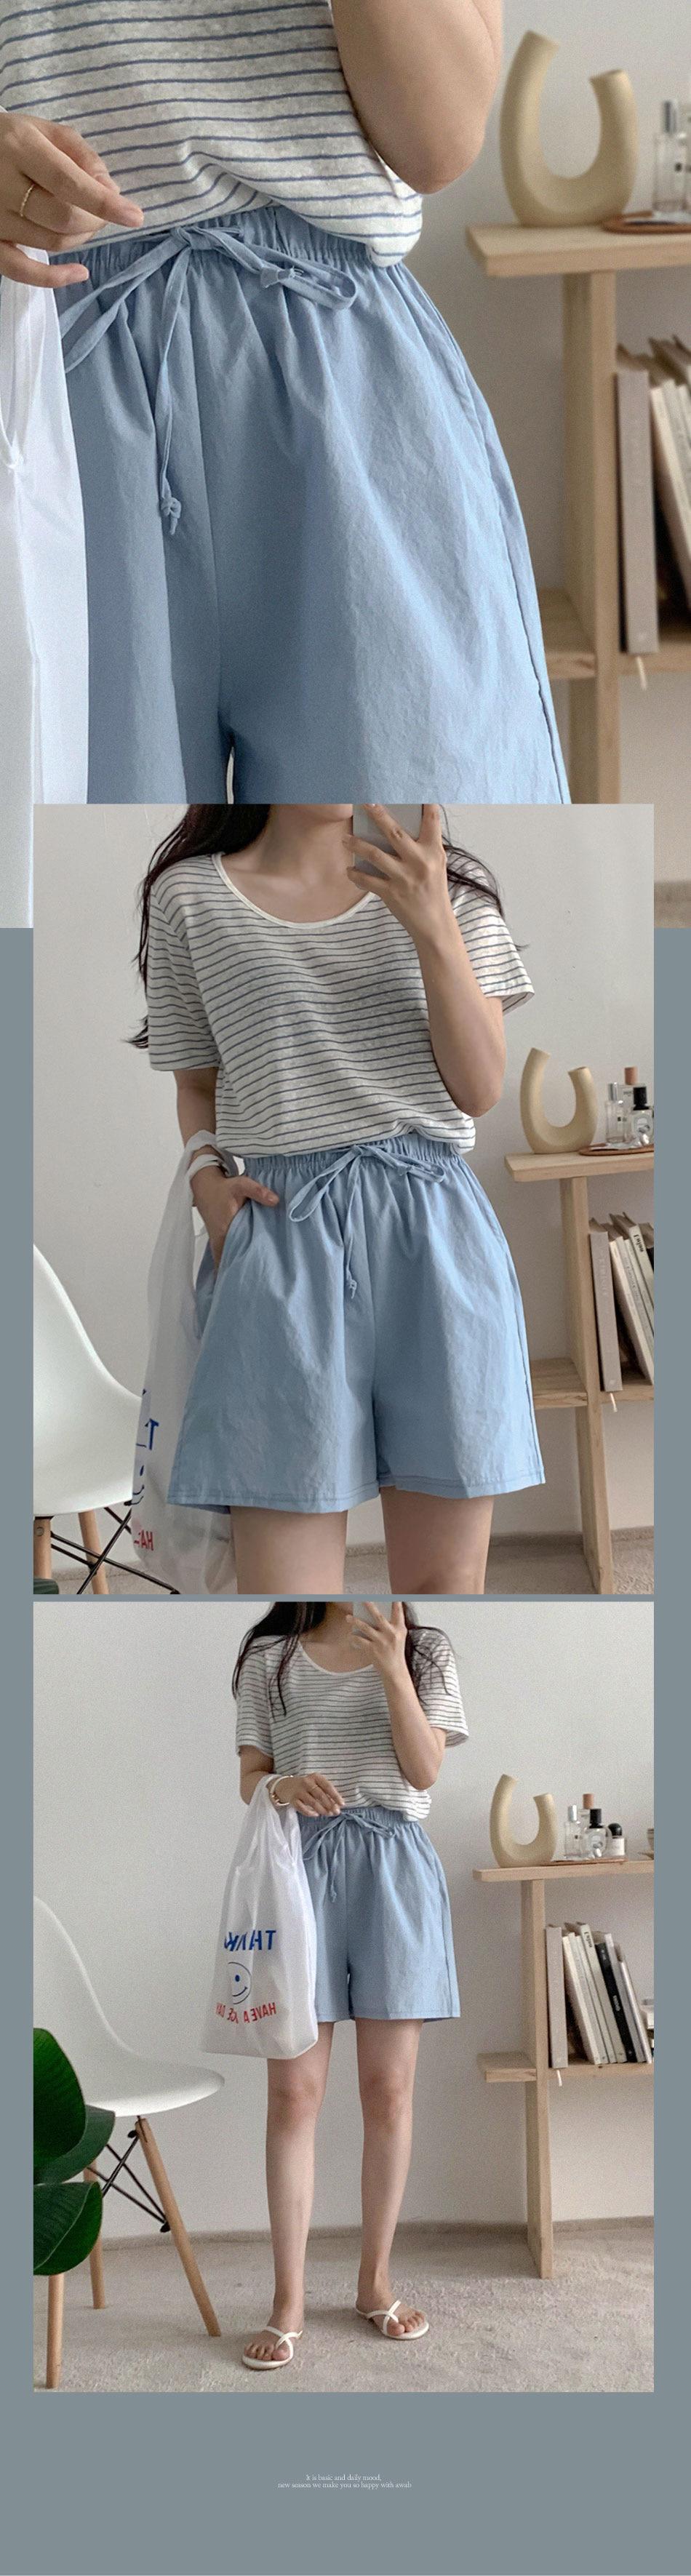 Shodie Banding Cotton Shorts